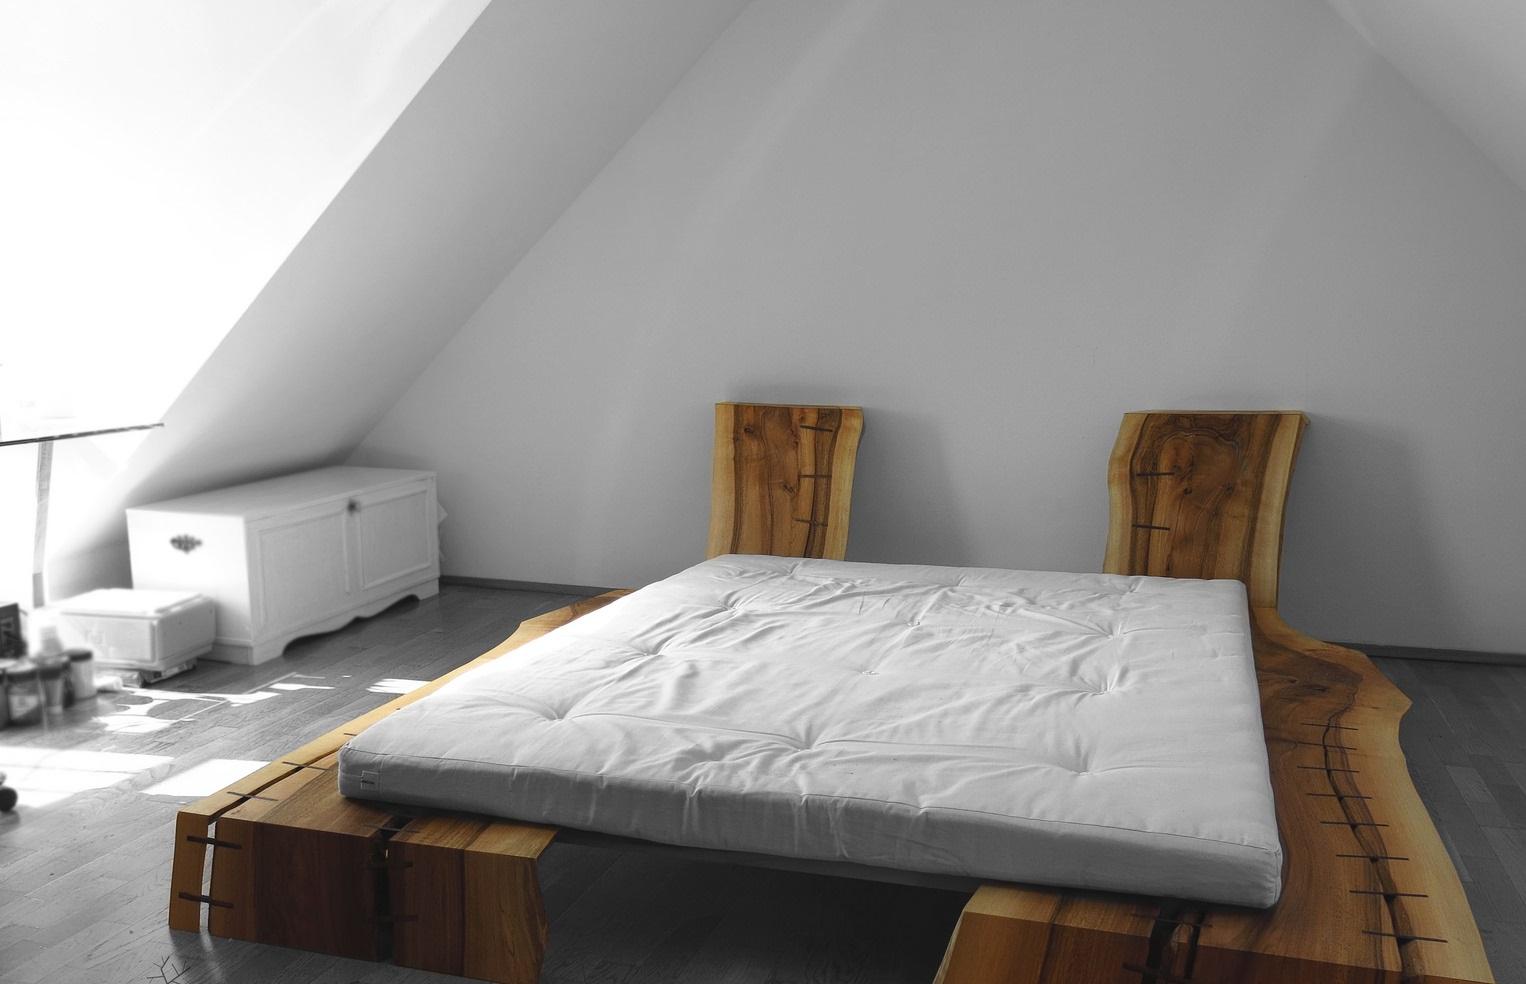 Camera Da Letto Giapponese materasso futon: tutti i vantaggi di dormire alla giapponese